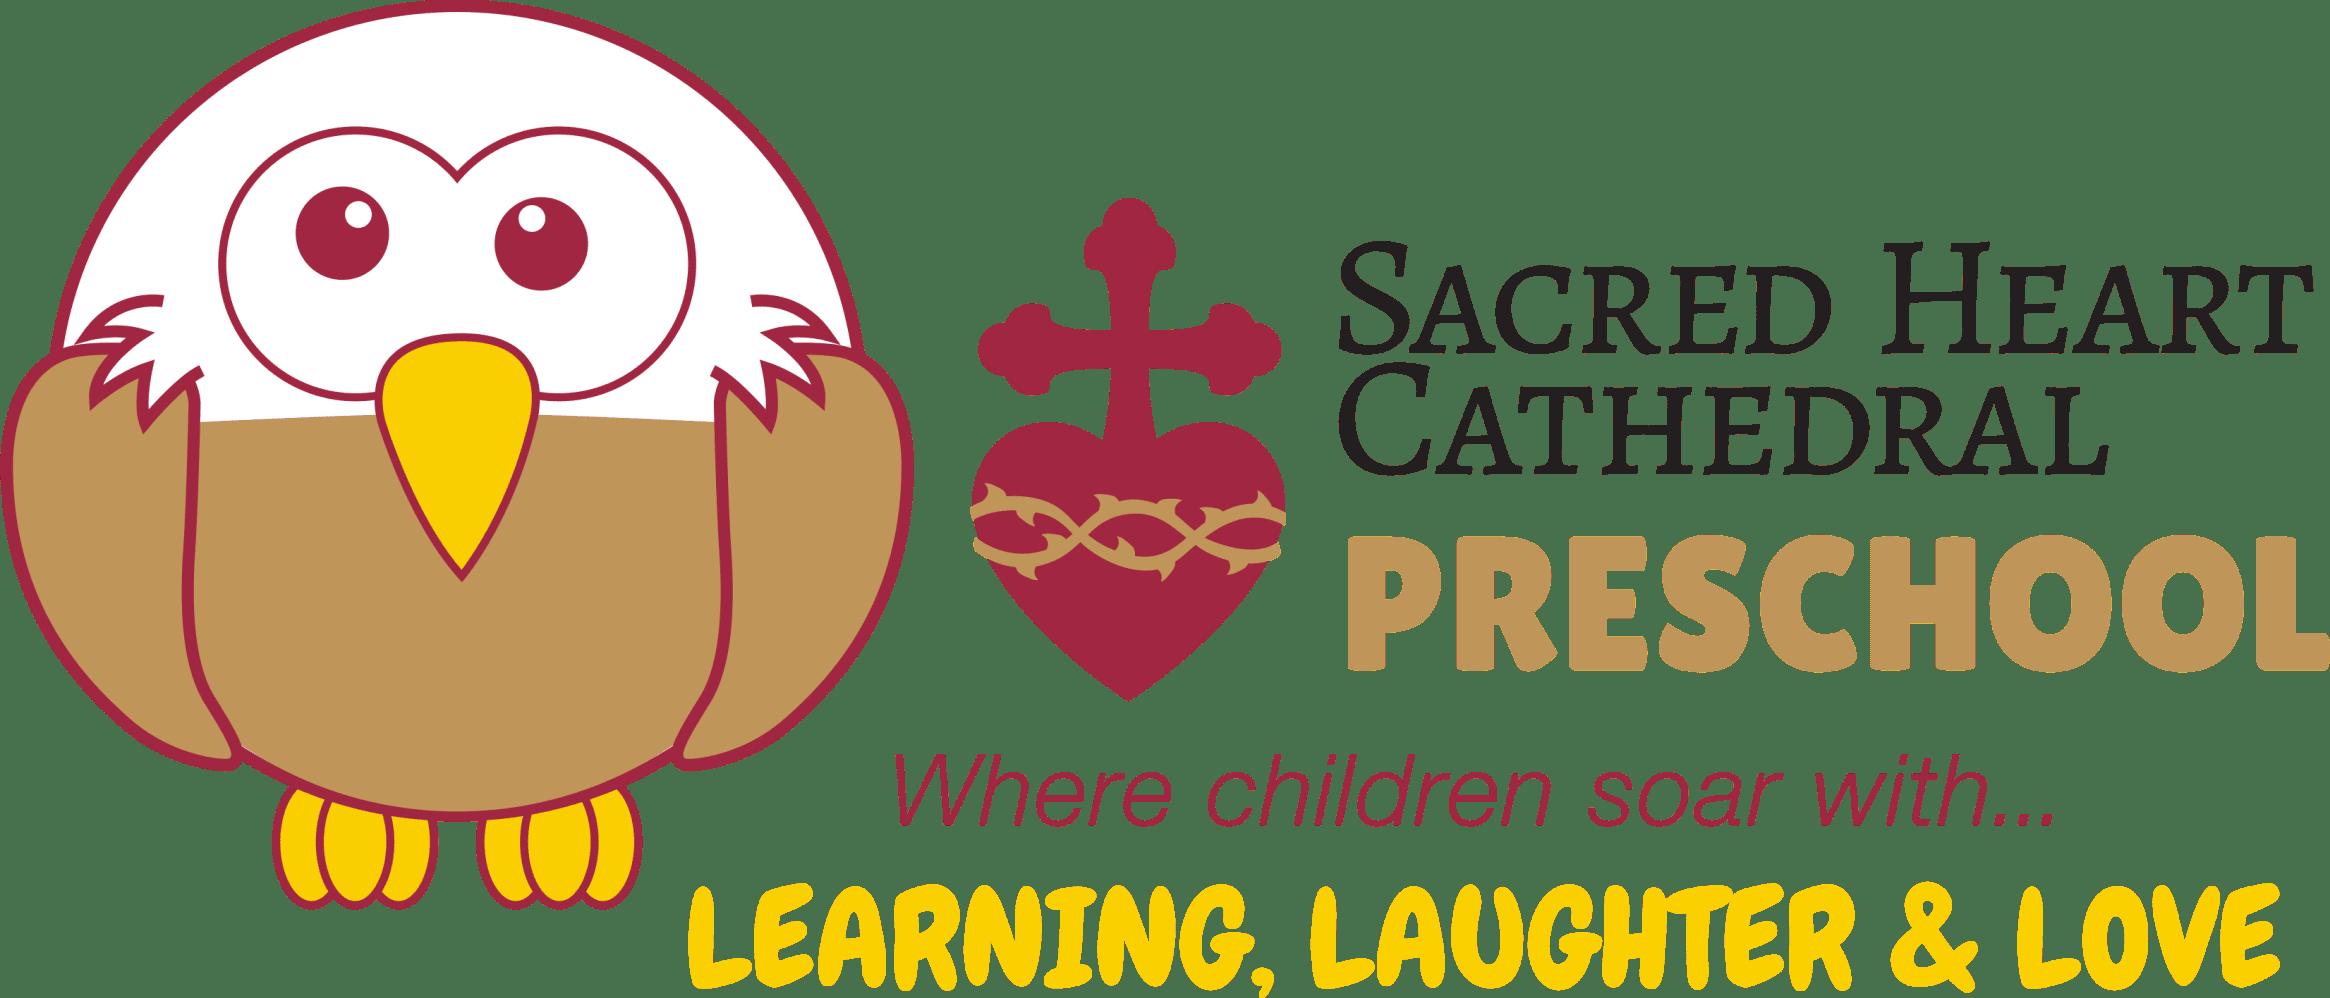 preschool logo - Pictures For Preschool